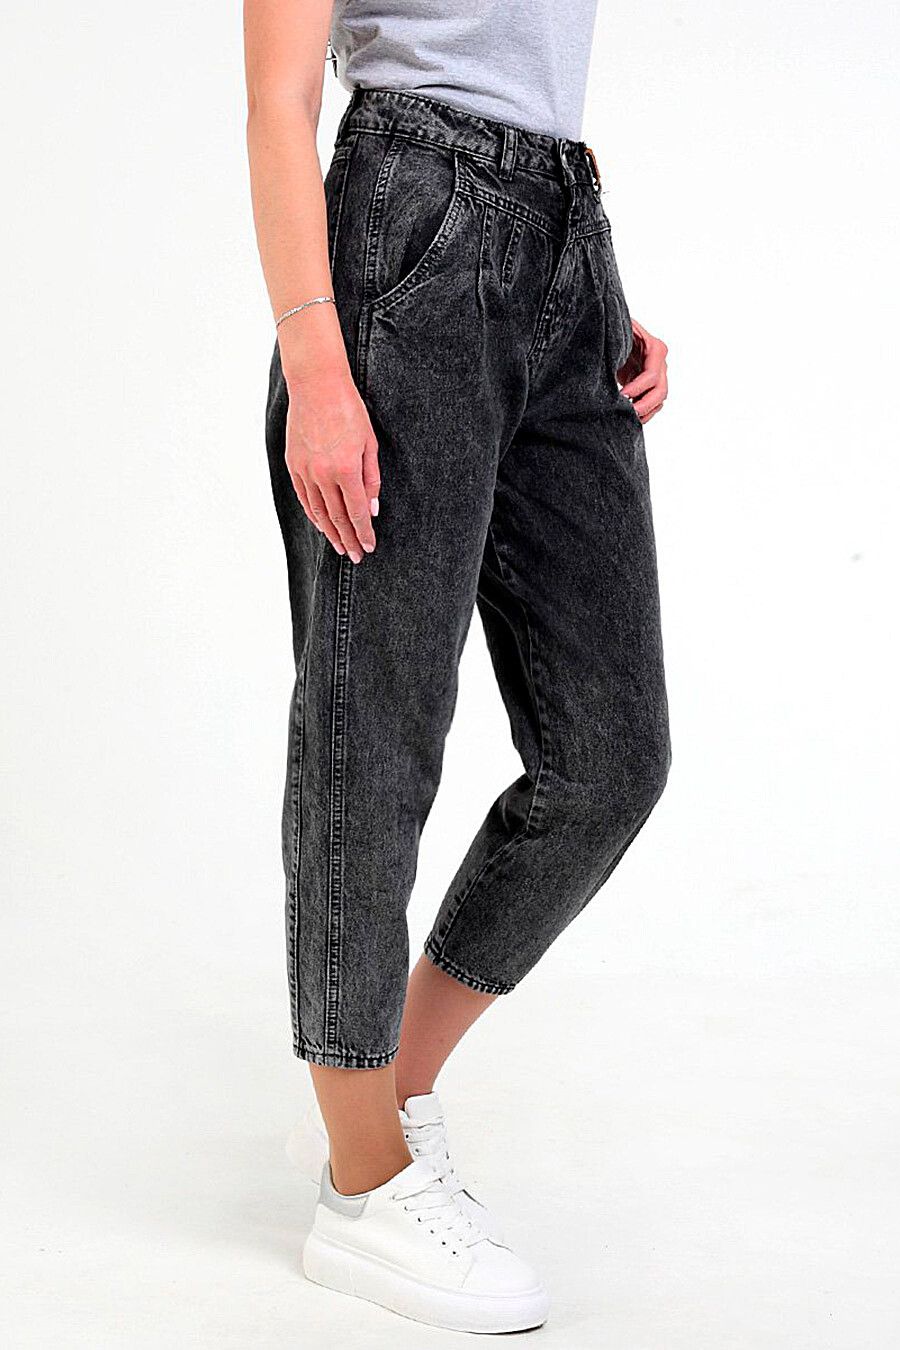 Джинсы для женщин F5 239200 купить оптом от производителя. Совместная покупка женской одежды в OptMoyo